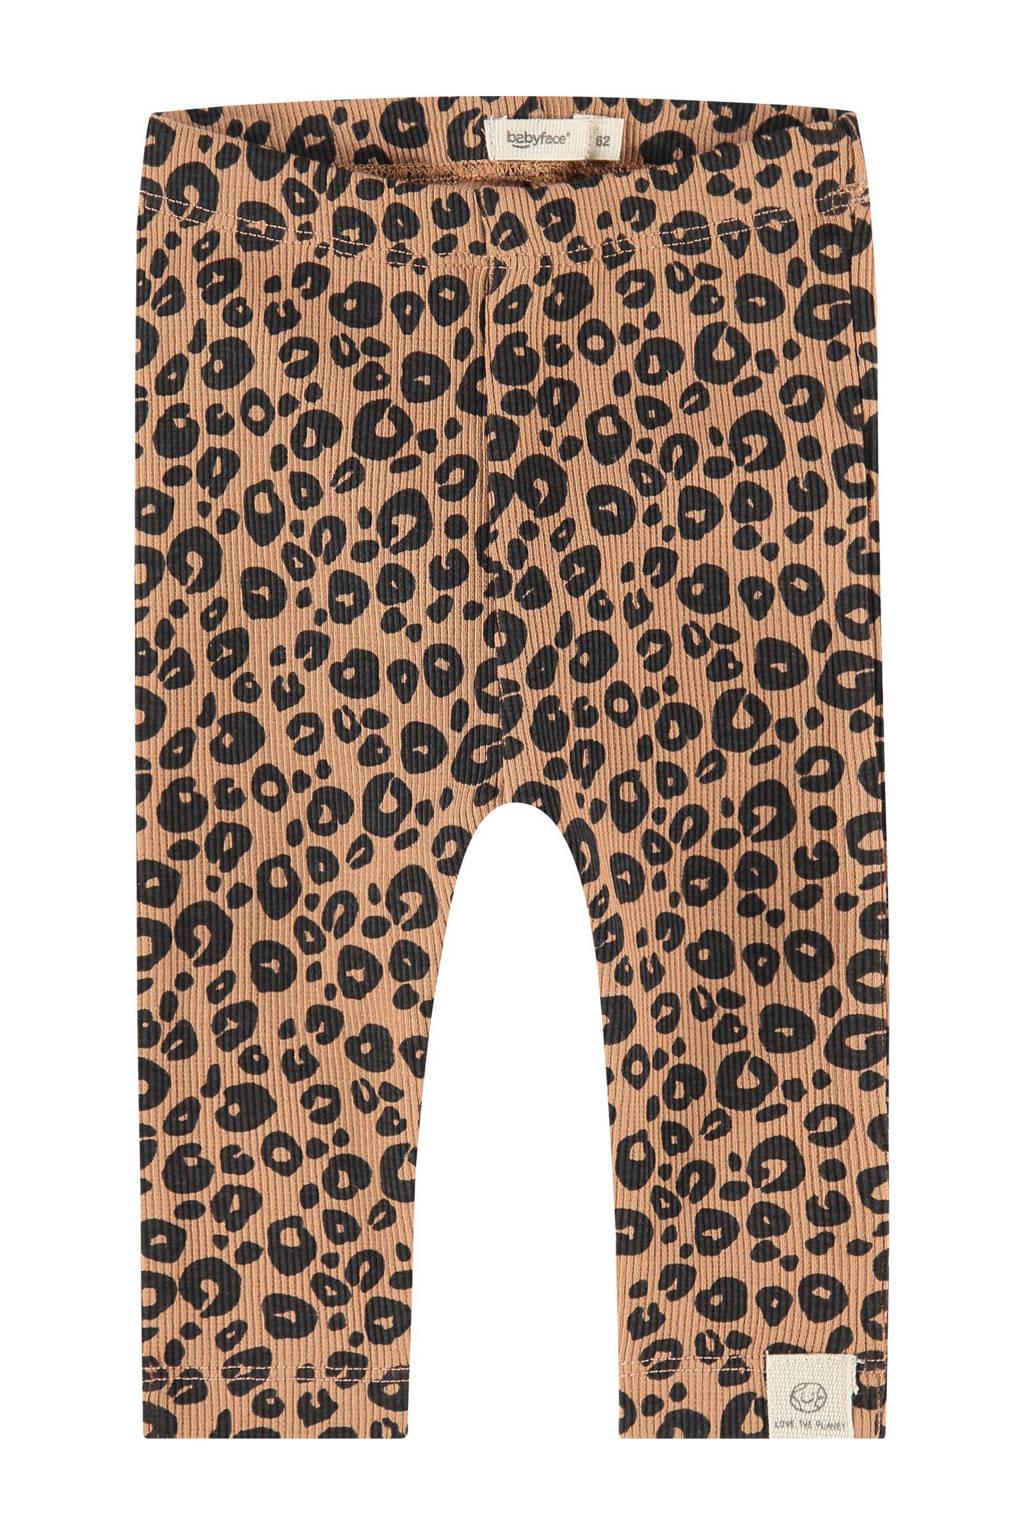 Babyface baby regular fit broek met all over print bruin/zwart, Bruin/zwart